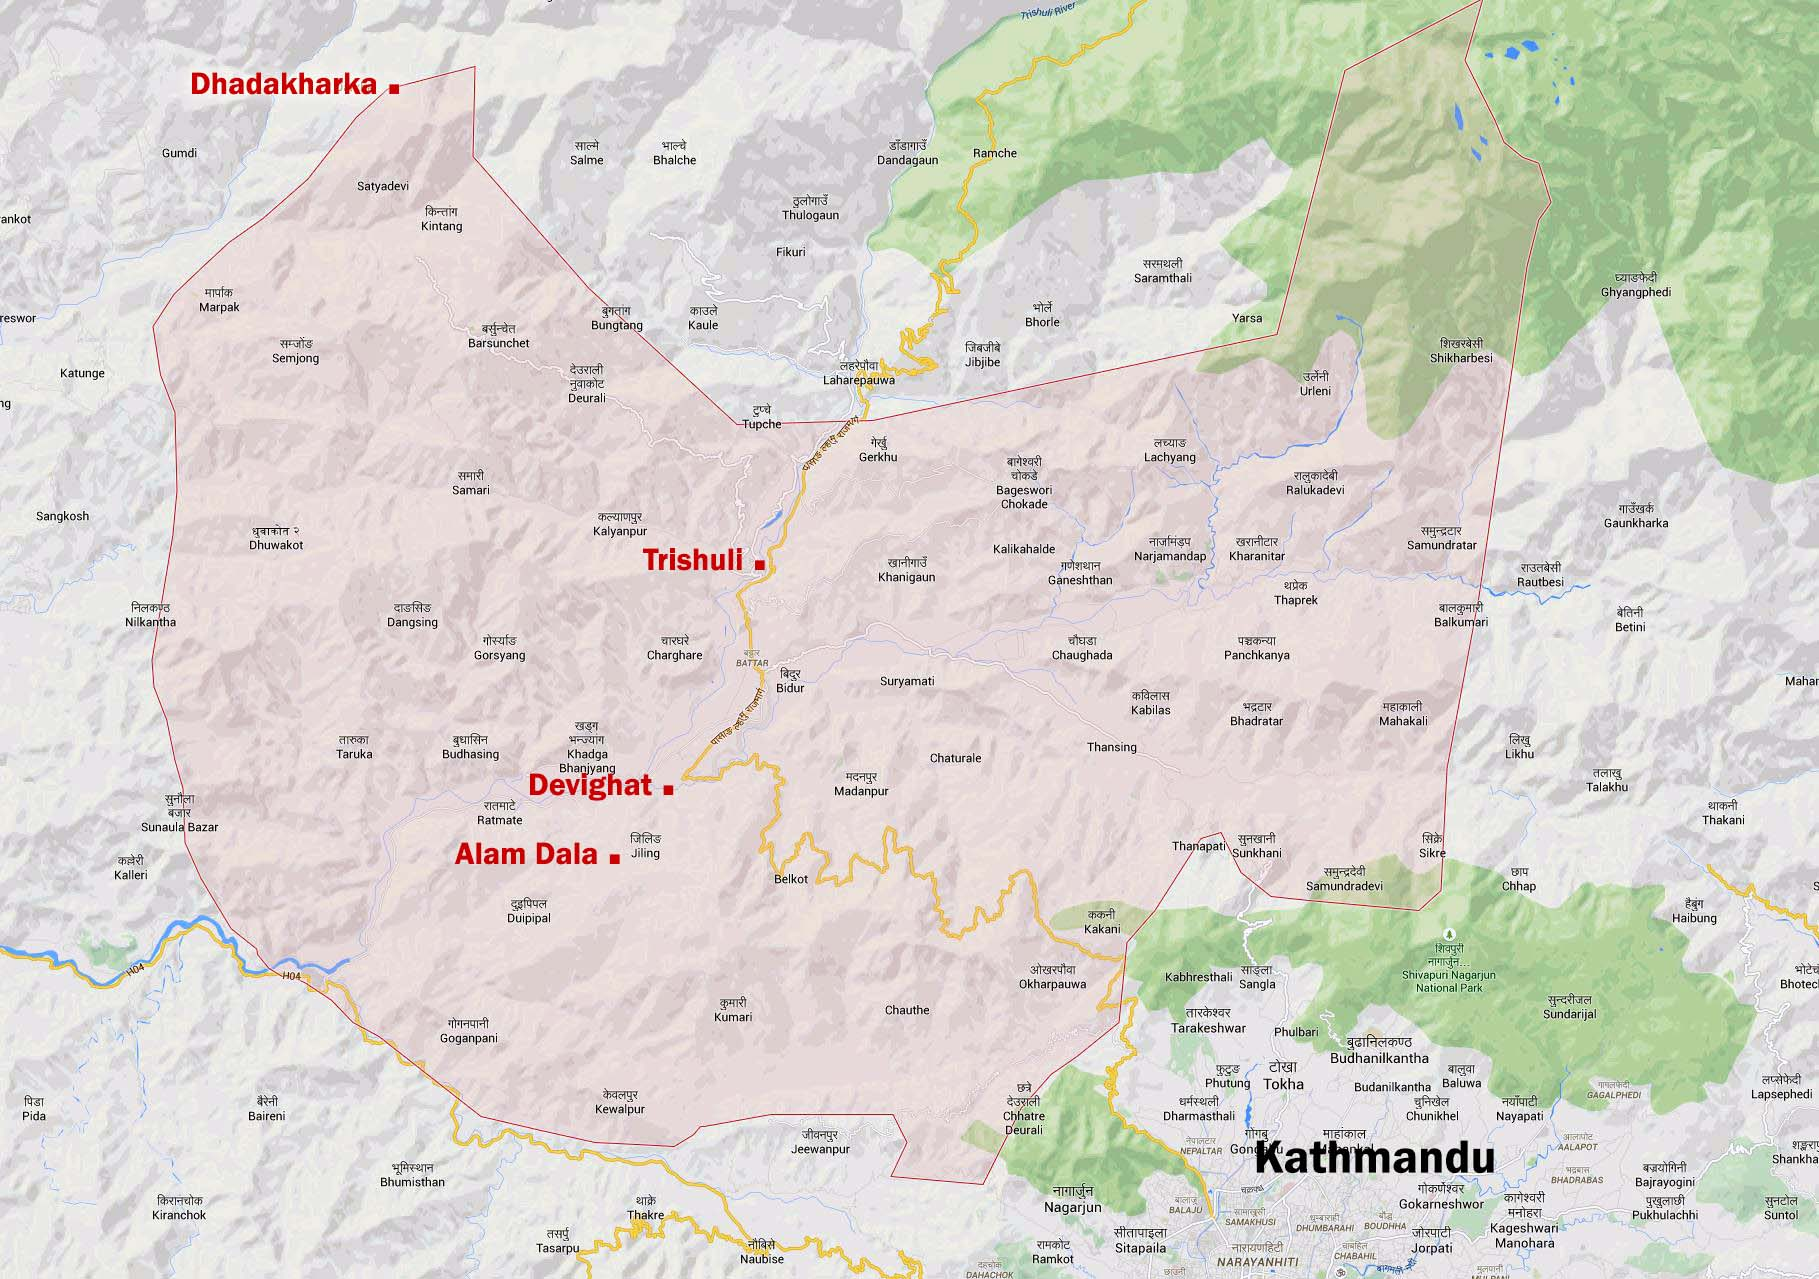 Übersichtskarte der Region Nuwaklot, Nepal